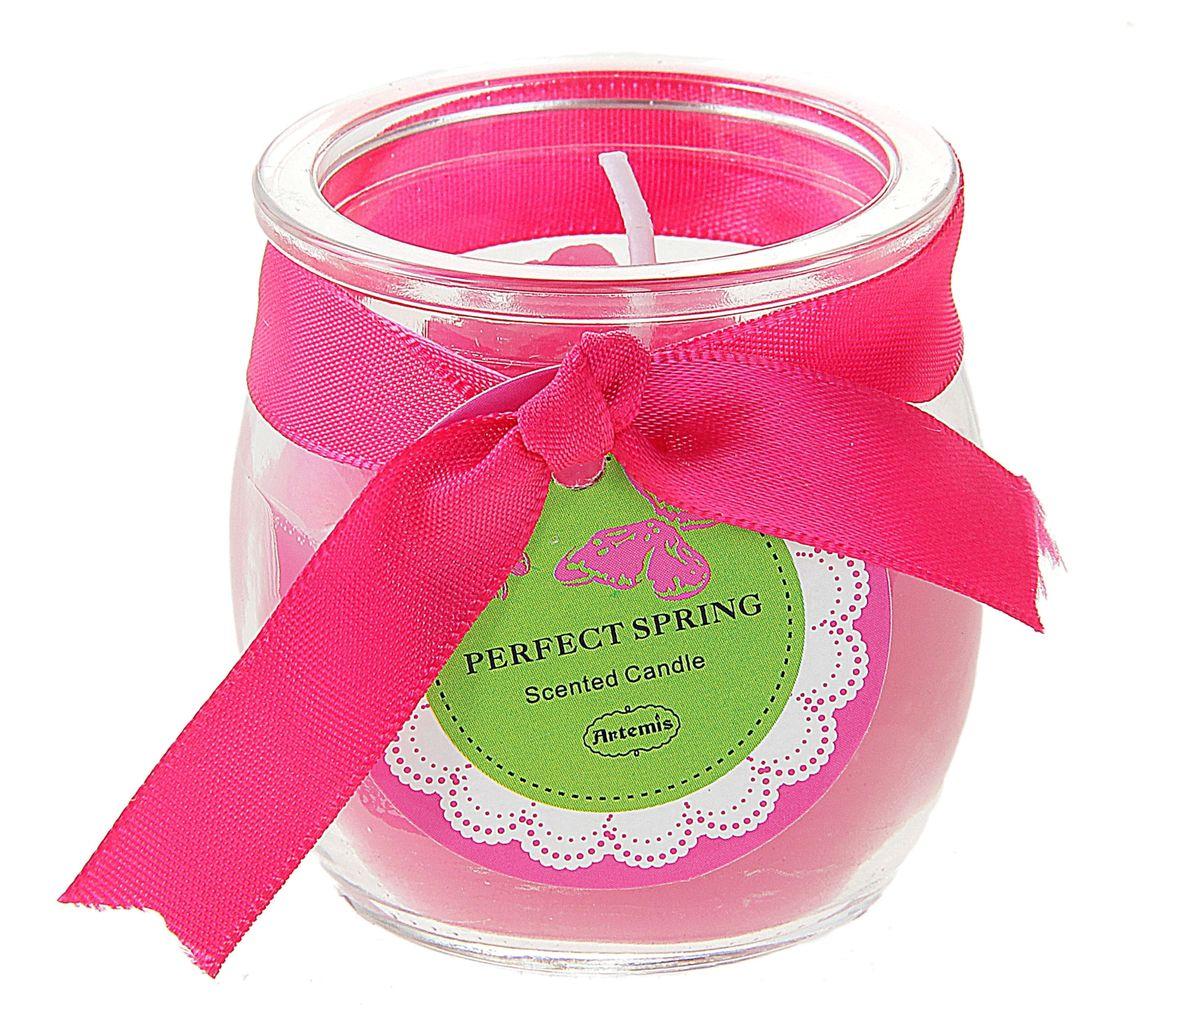 Свеча ароматизированная Sima-land Бочонок, цвет: розовый, высота 5,5 см167178Декоративная свеча Sima-land Бочонок изготовлена из воска и расположена в стеклянном стакане. Изделие отличается оригинальным дизайном и приятным цветочным ароматом. Такая свеча может стать отличным подарком или дополнить интерьер вашей комнаты.